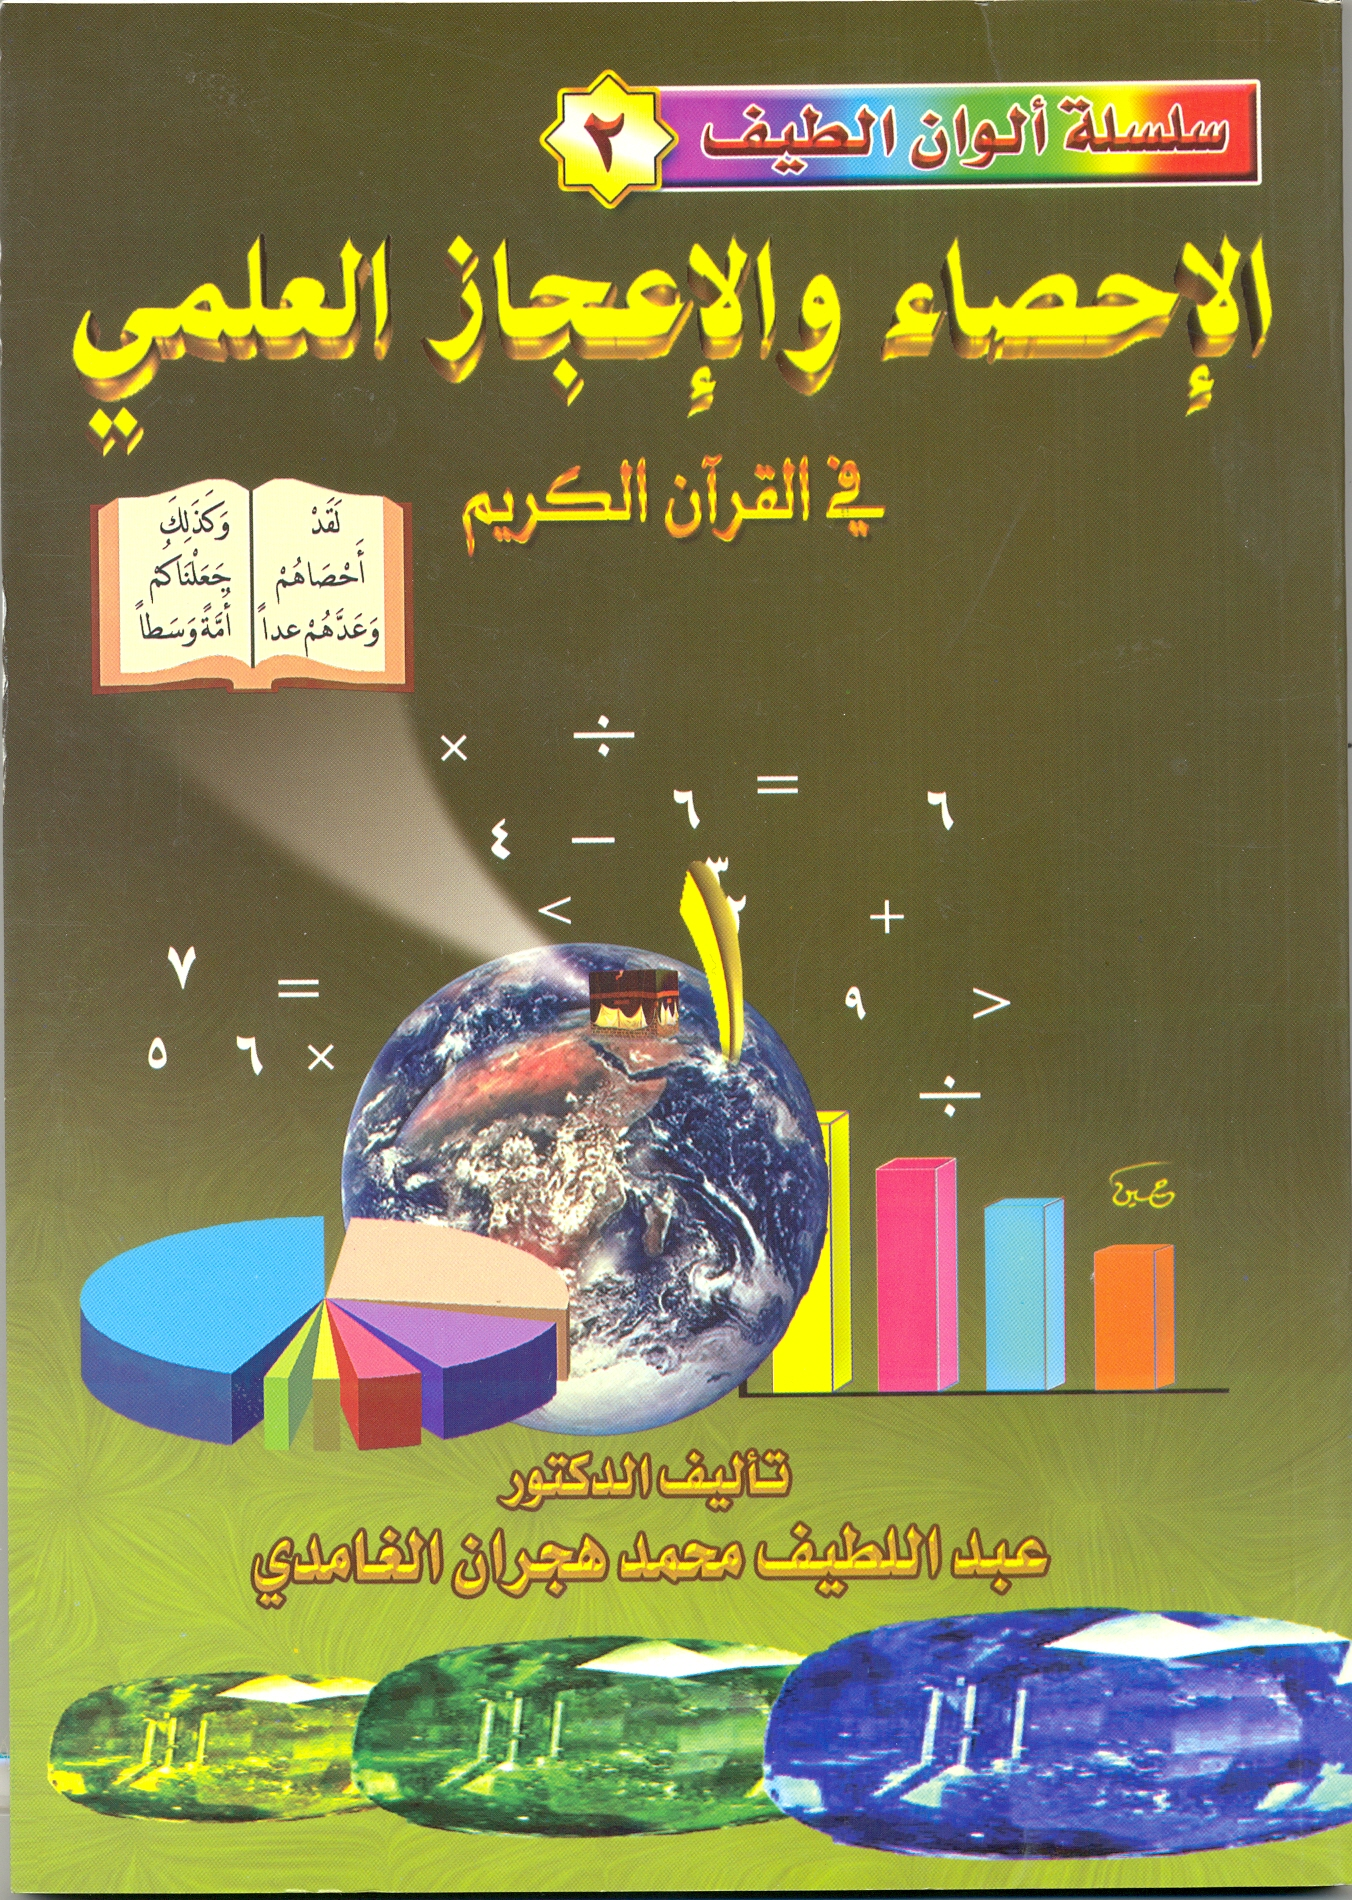 الإحصاء والإعجاز العلمي في القرآن الكريم